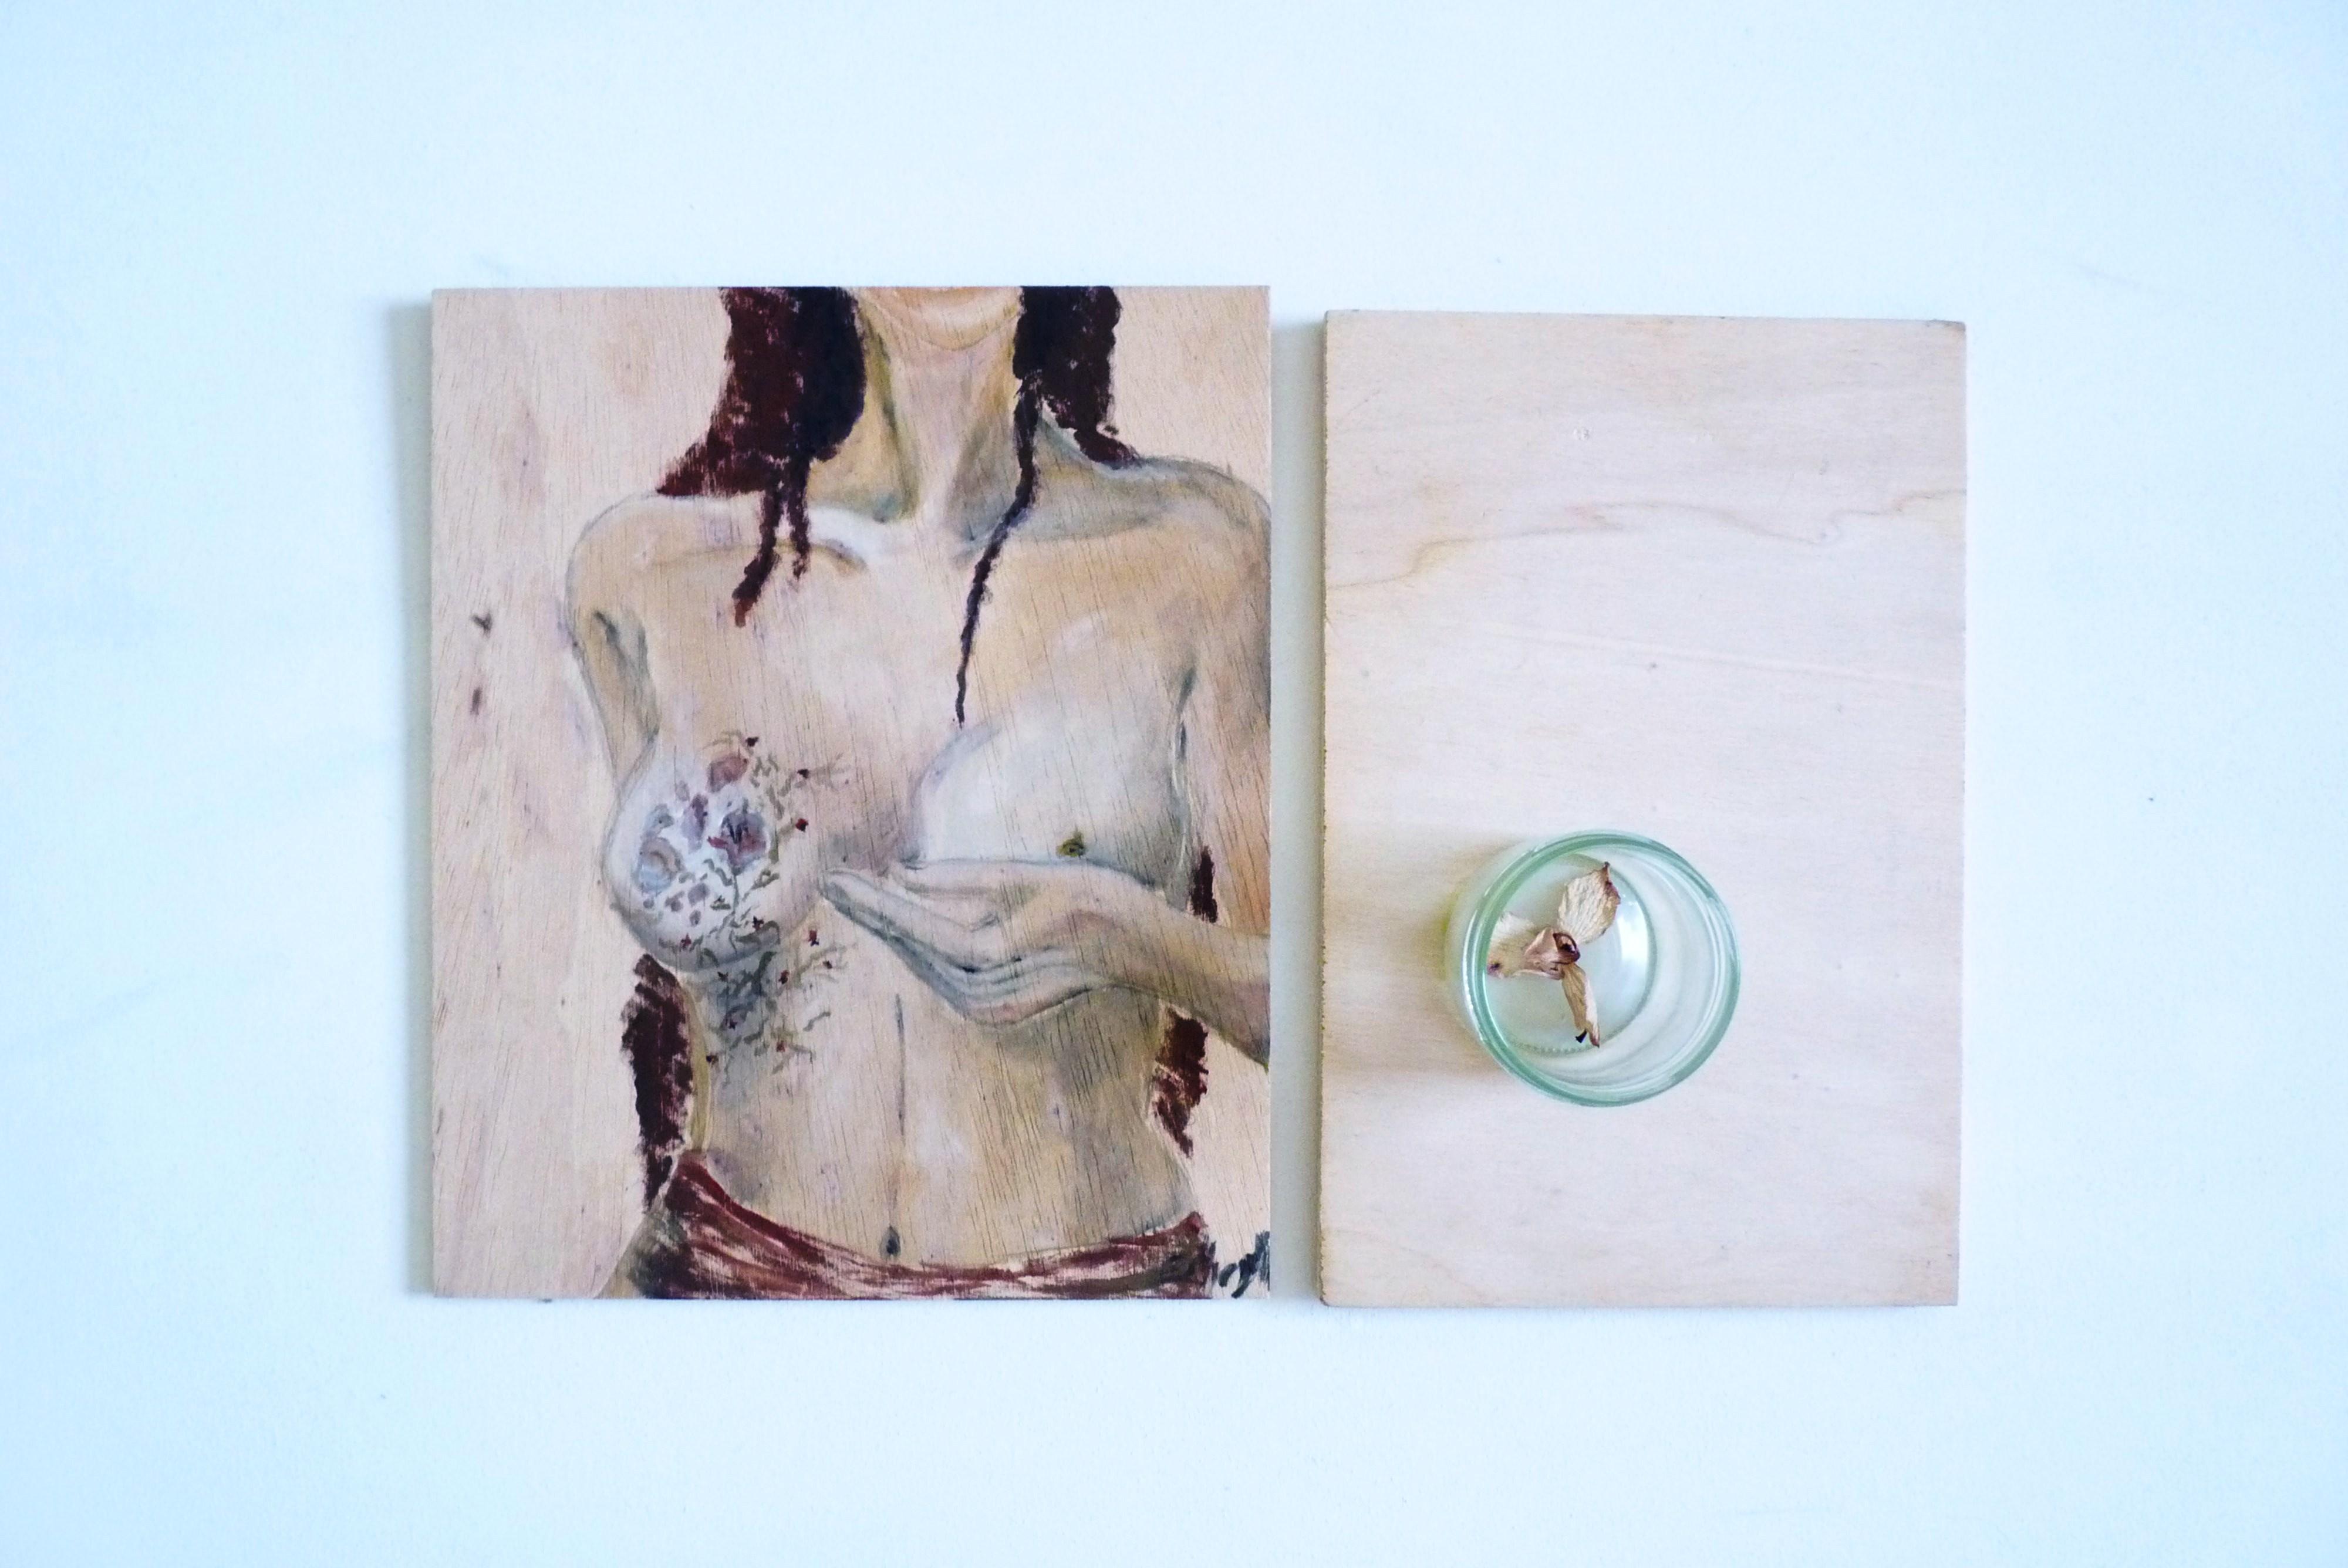 Clivia und Blume im Glas, Gouache on wooden panel, 25.8 x 21.4 cm